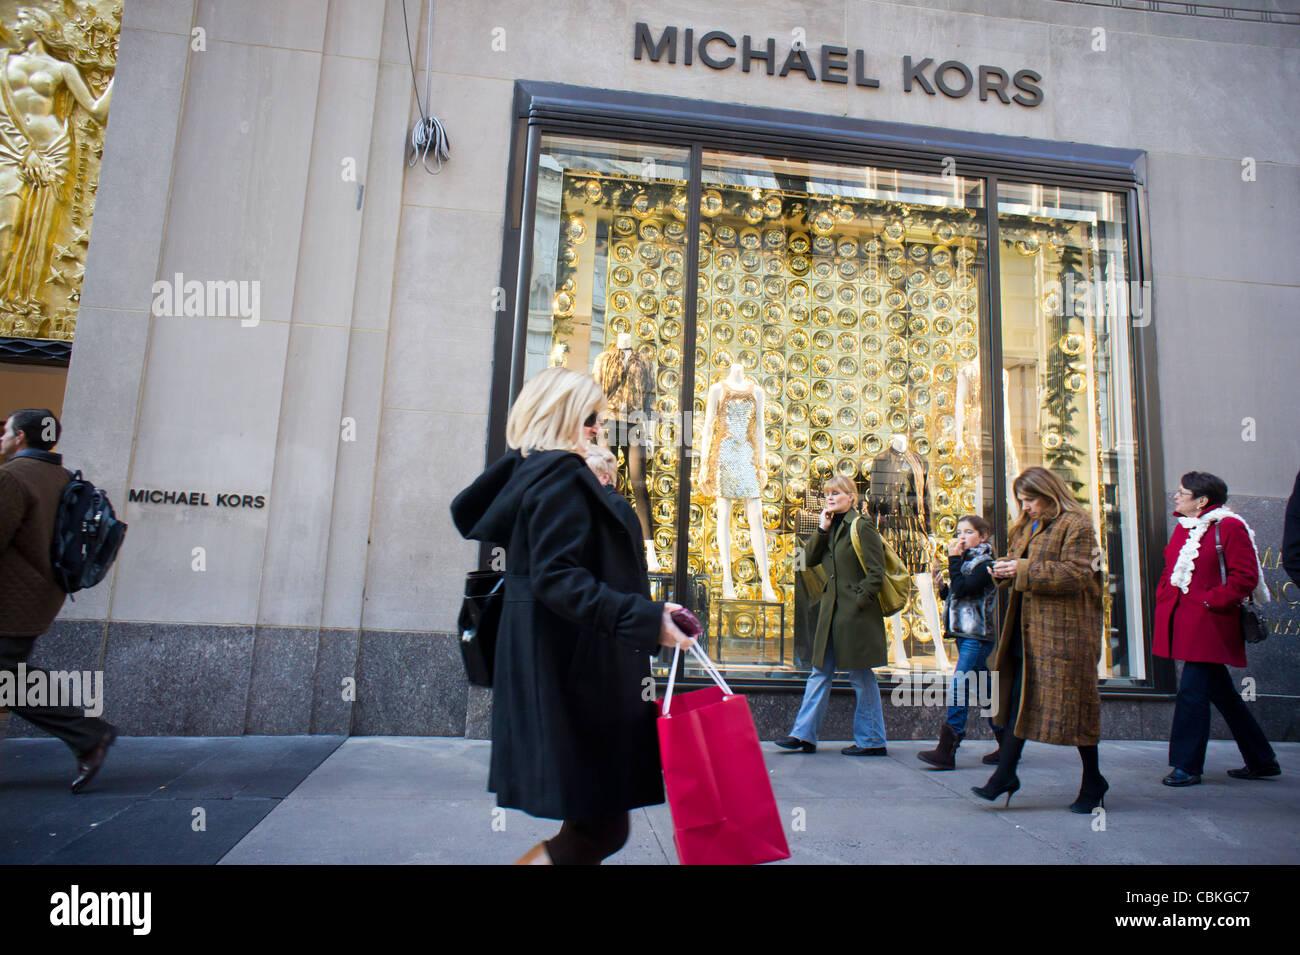 The michael kors store in rockefeller center in new york for Michael kors rockefeller center